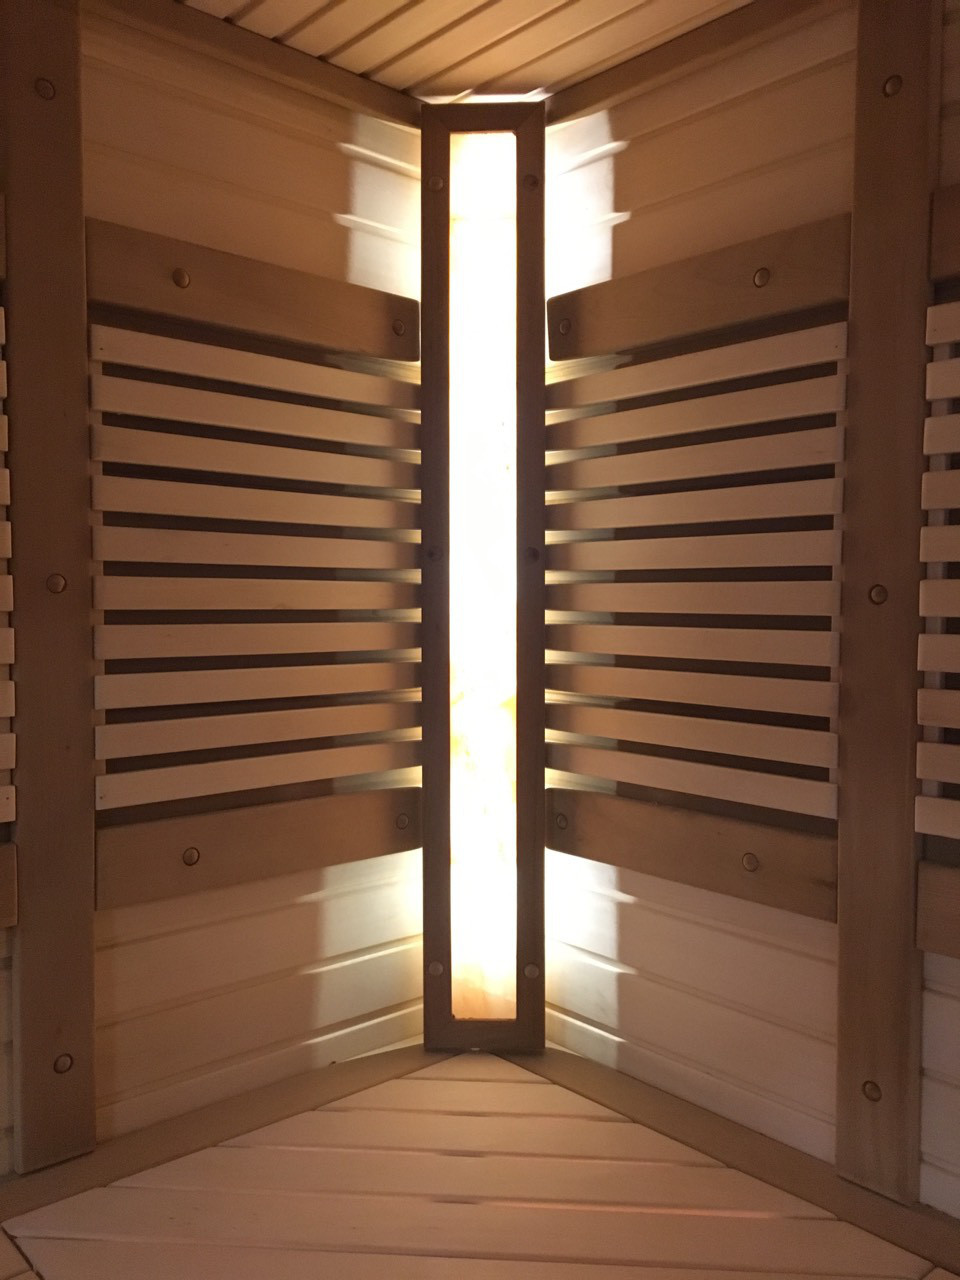 Светильник для бани: обзор, характеристики, популярные модели